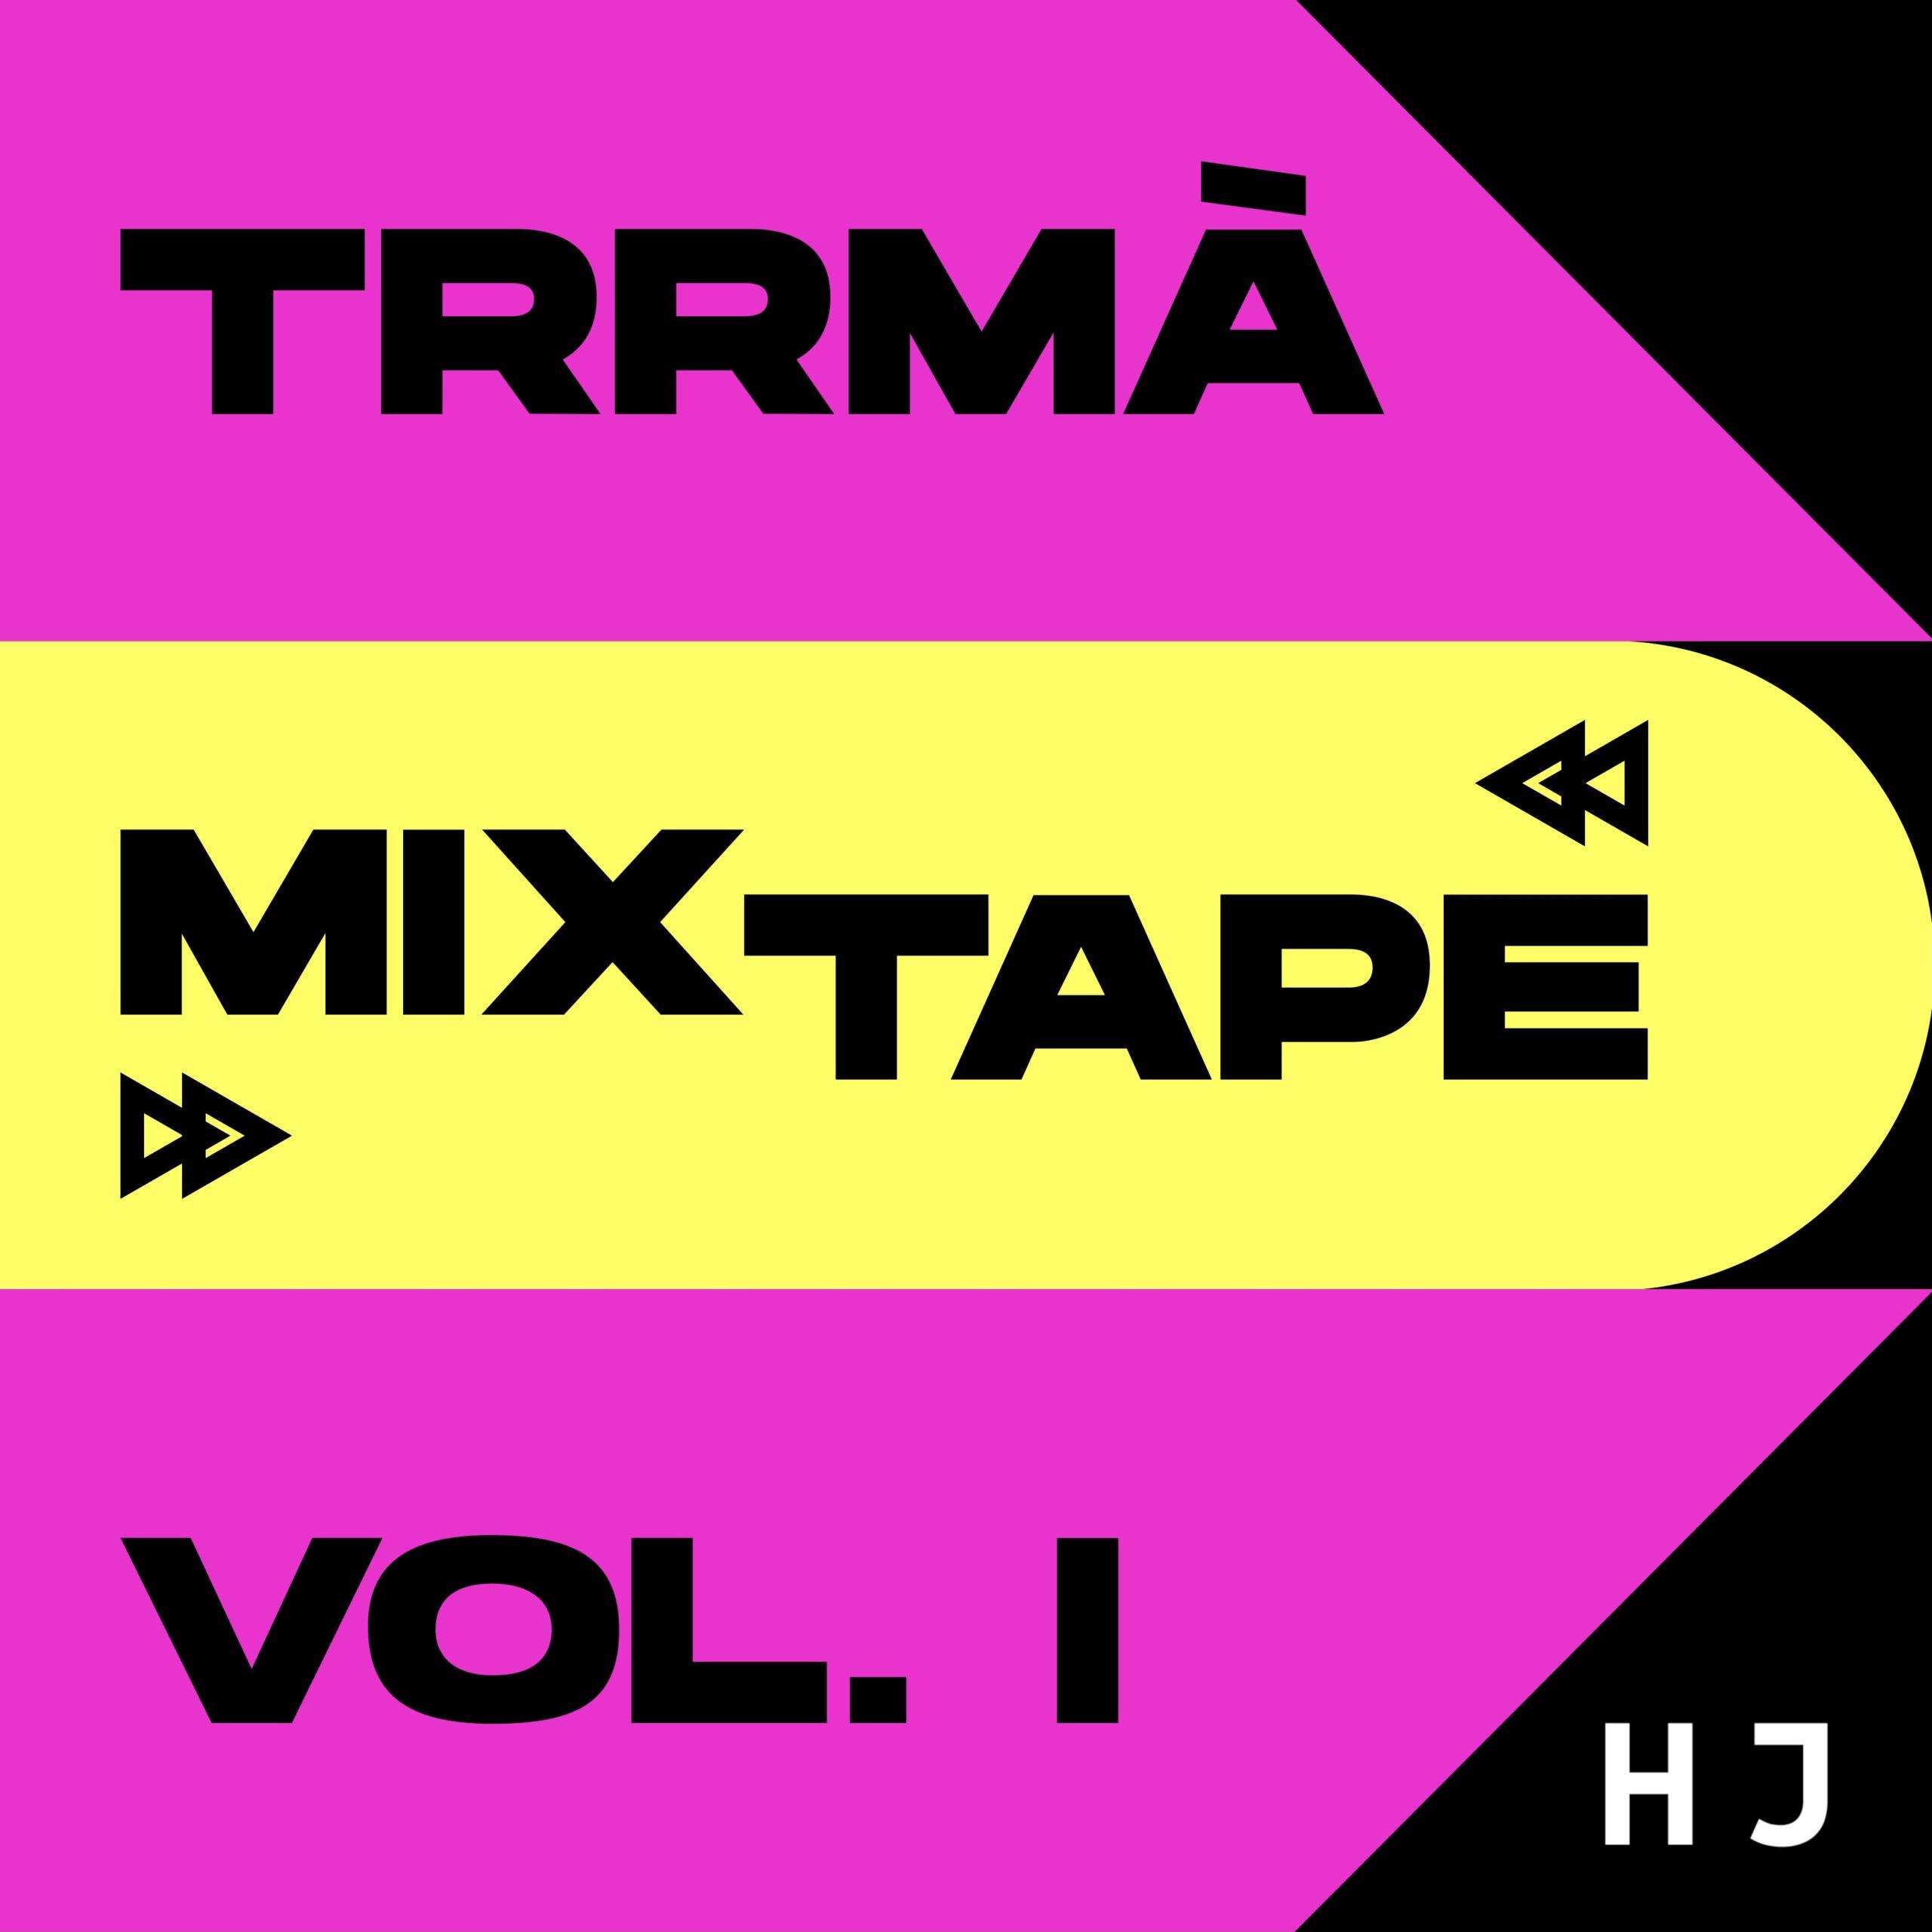 Mixtape Vol. I